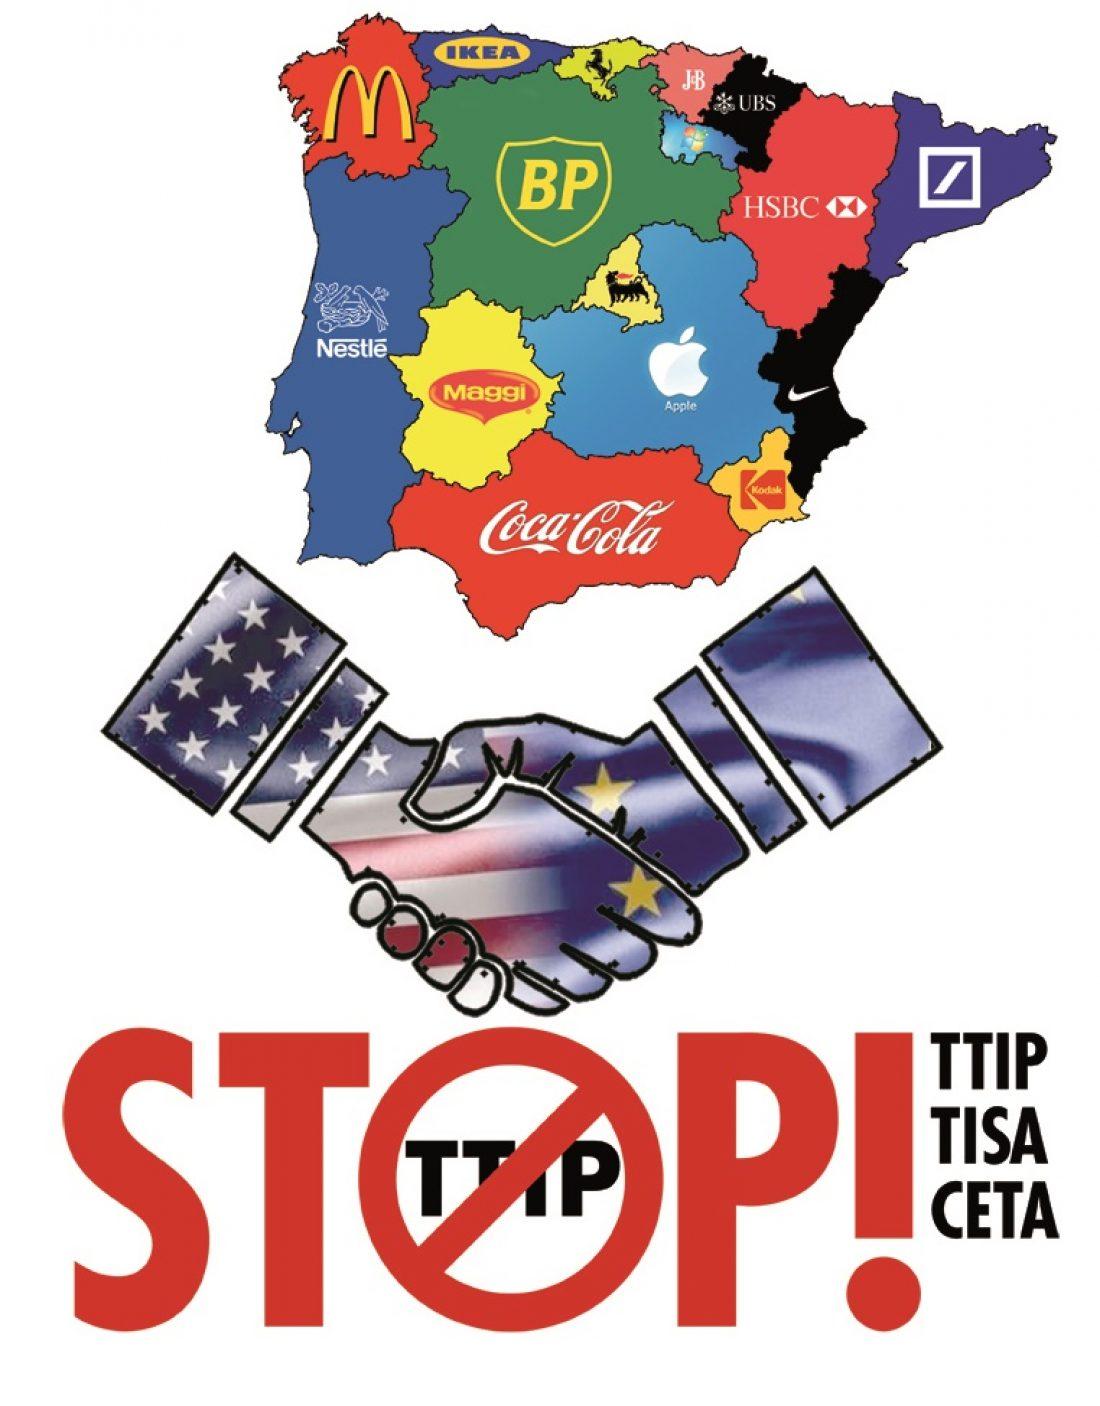 Las/os europarlamentarias/os deben proteger a la ciudadanía ante la amenaza del tratado comercial entre UE-EEUU